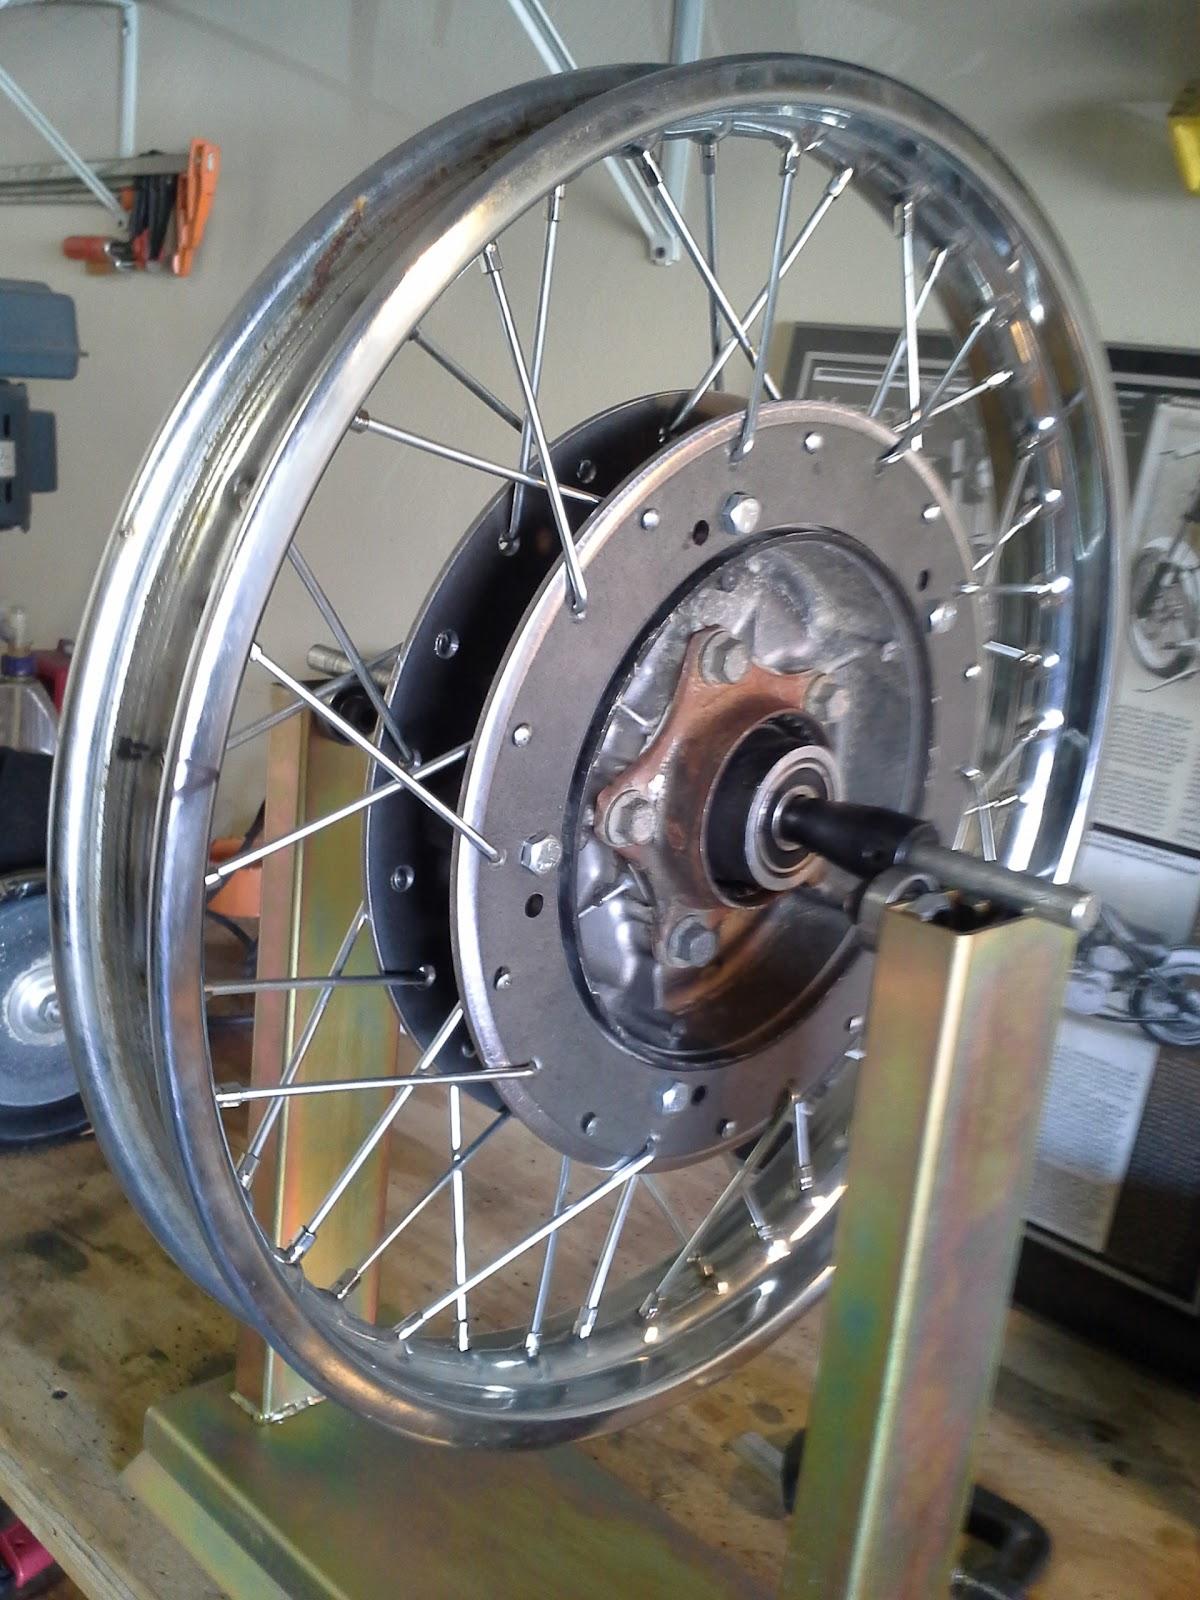 Question pour ceux qui connaissent un peu les roues rayons Spokes